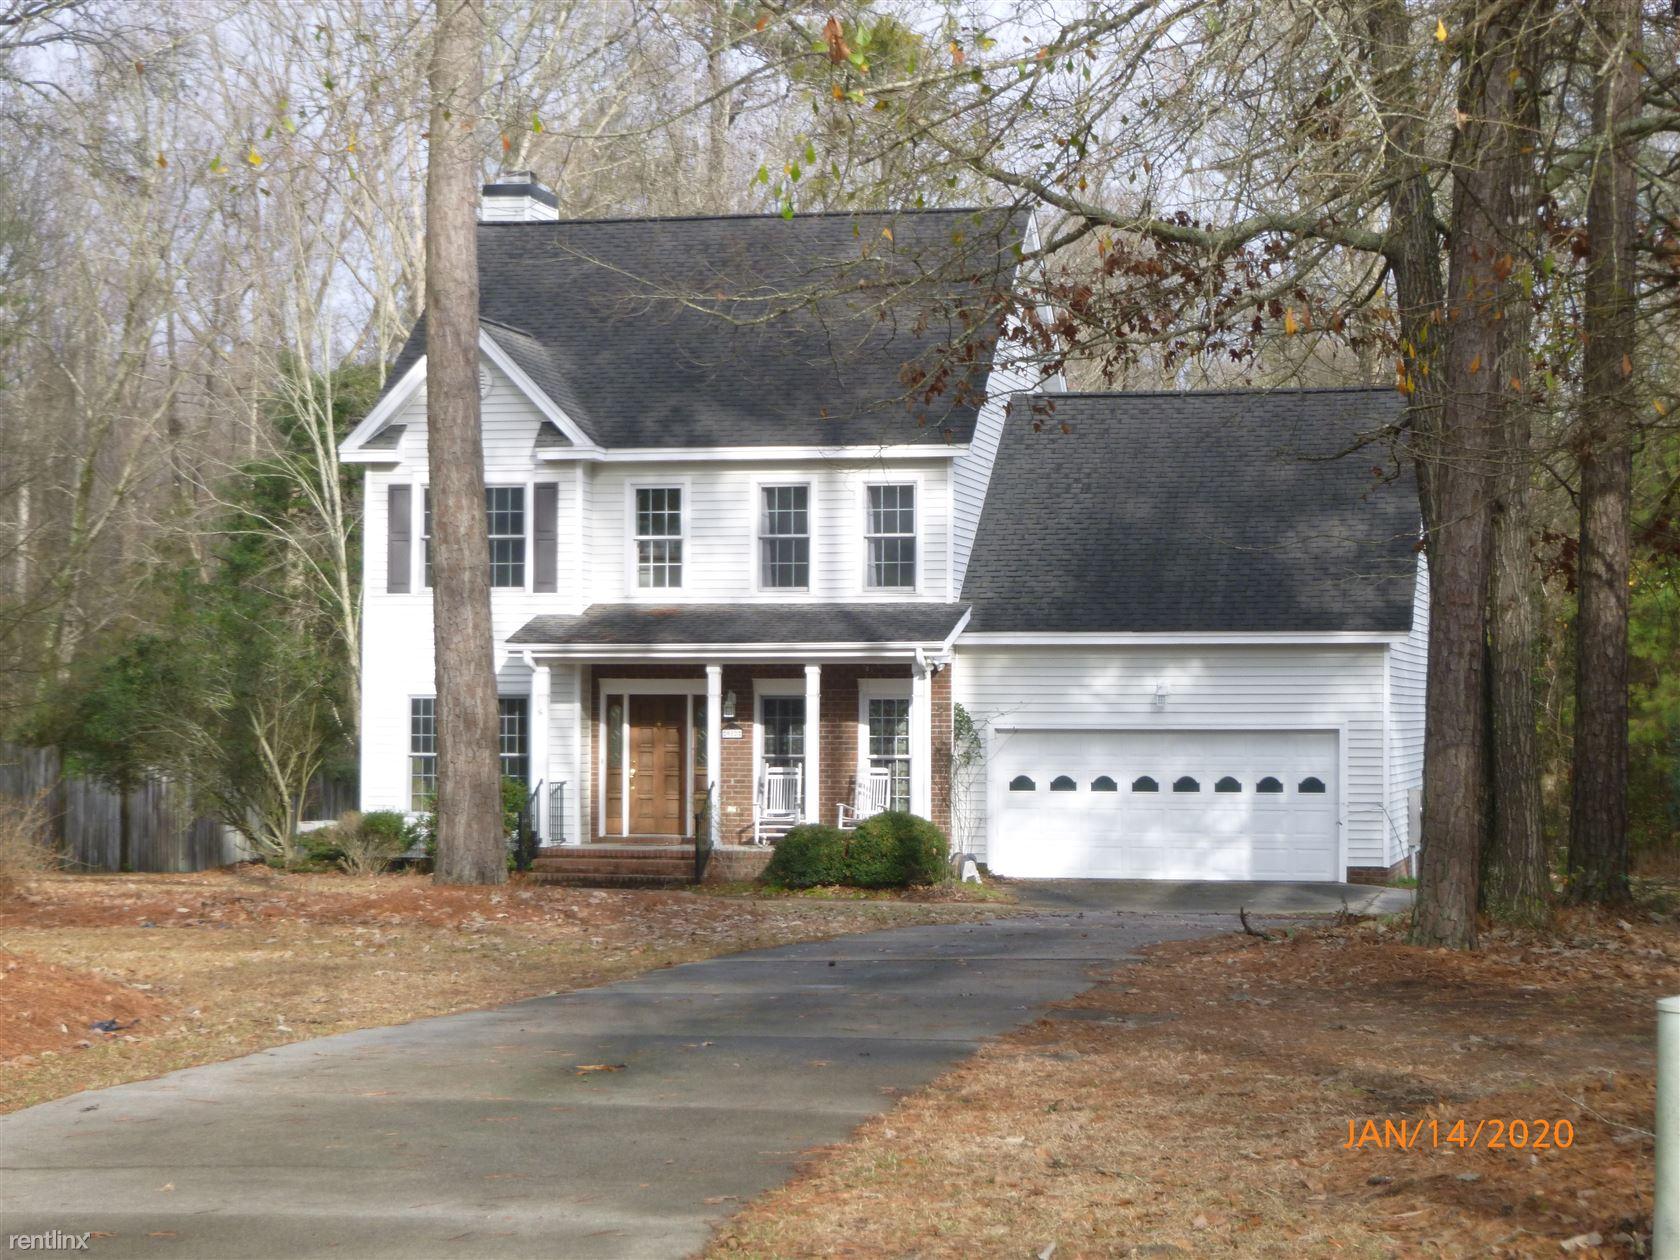 912 Corbett St, Winterville, NC - $1,300